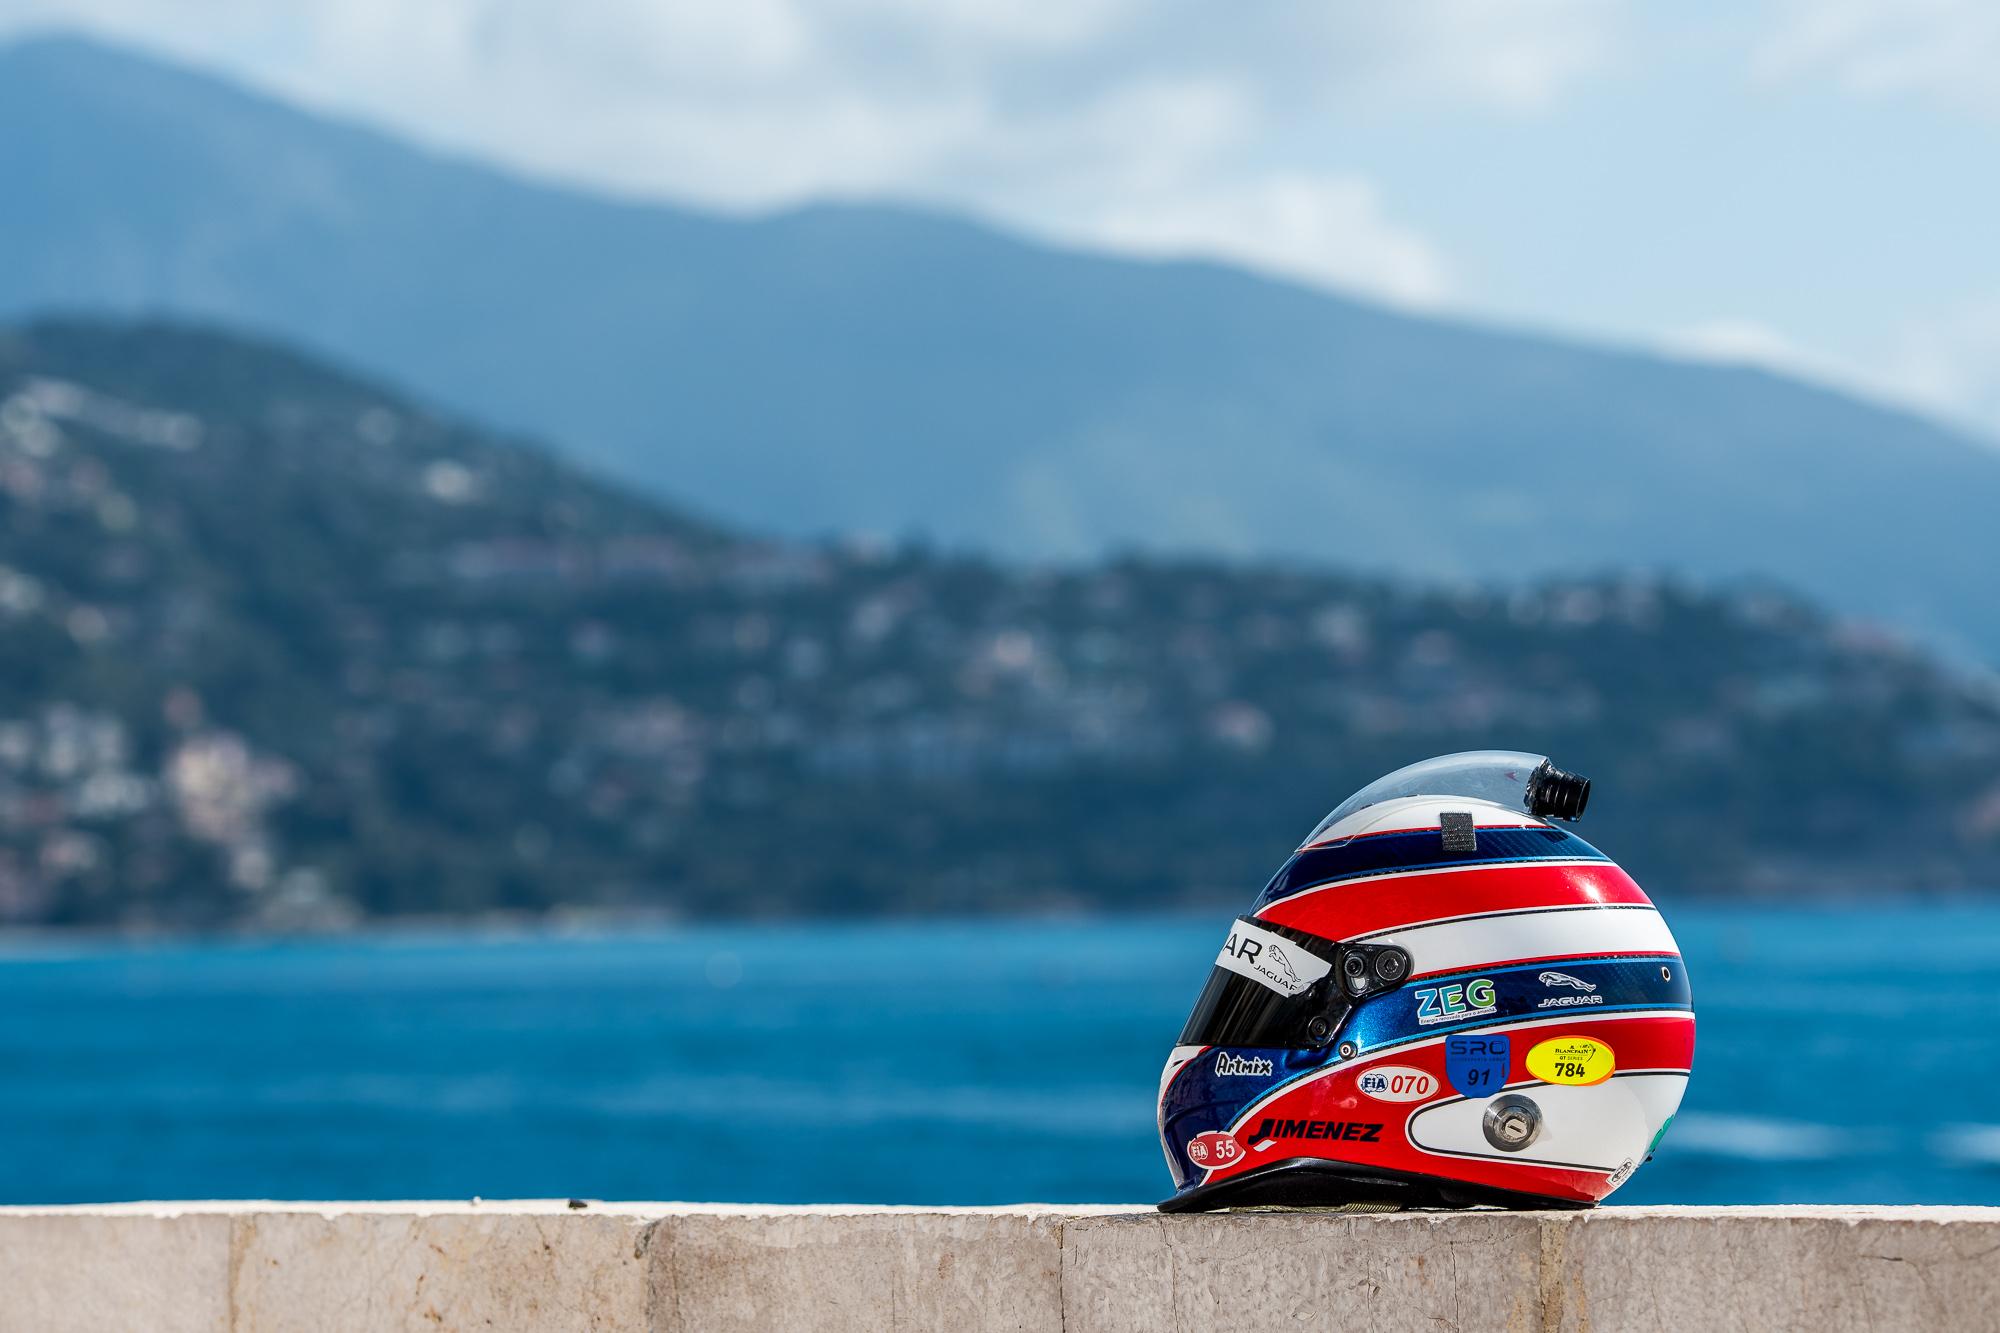 Jaguar_7.Monaco_josemariodias_01044